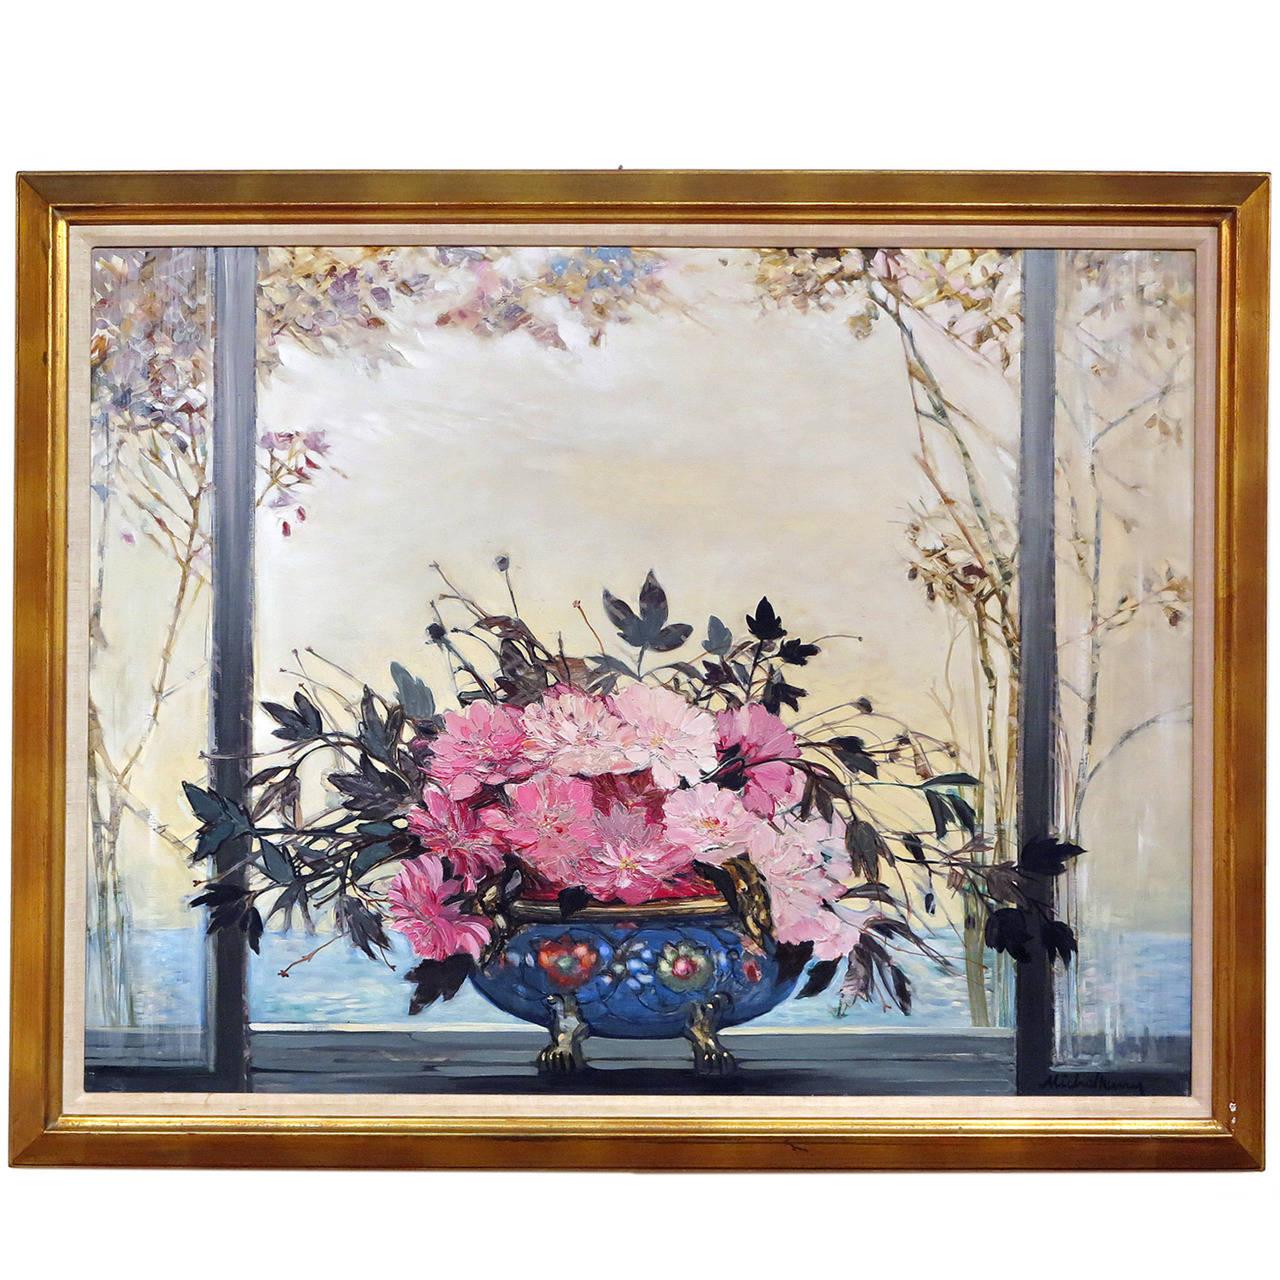 Bowl de fleurs la fen tre painting by michel henry at for Fenetre french